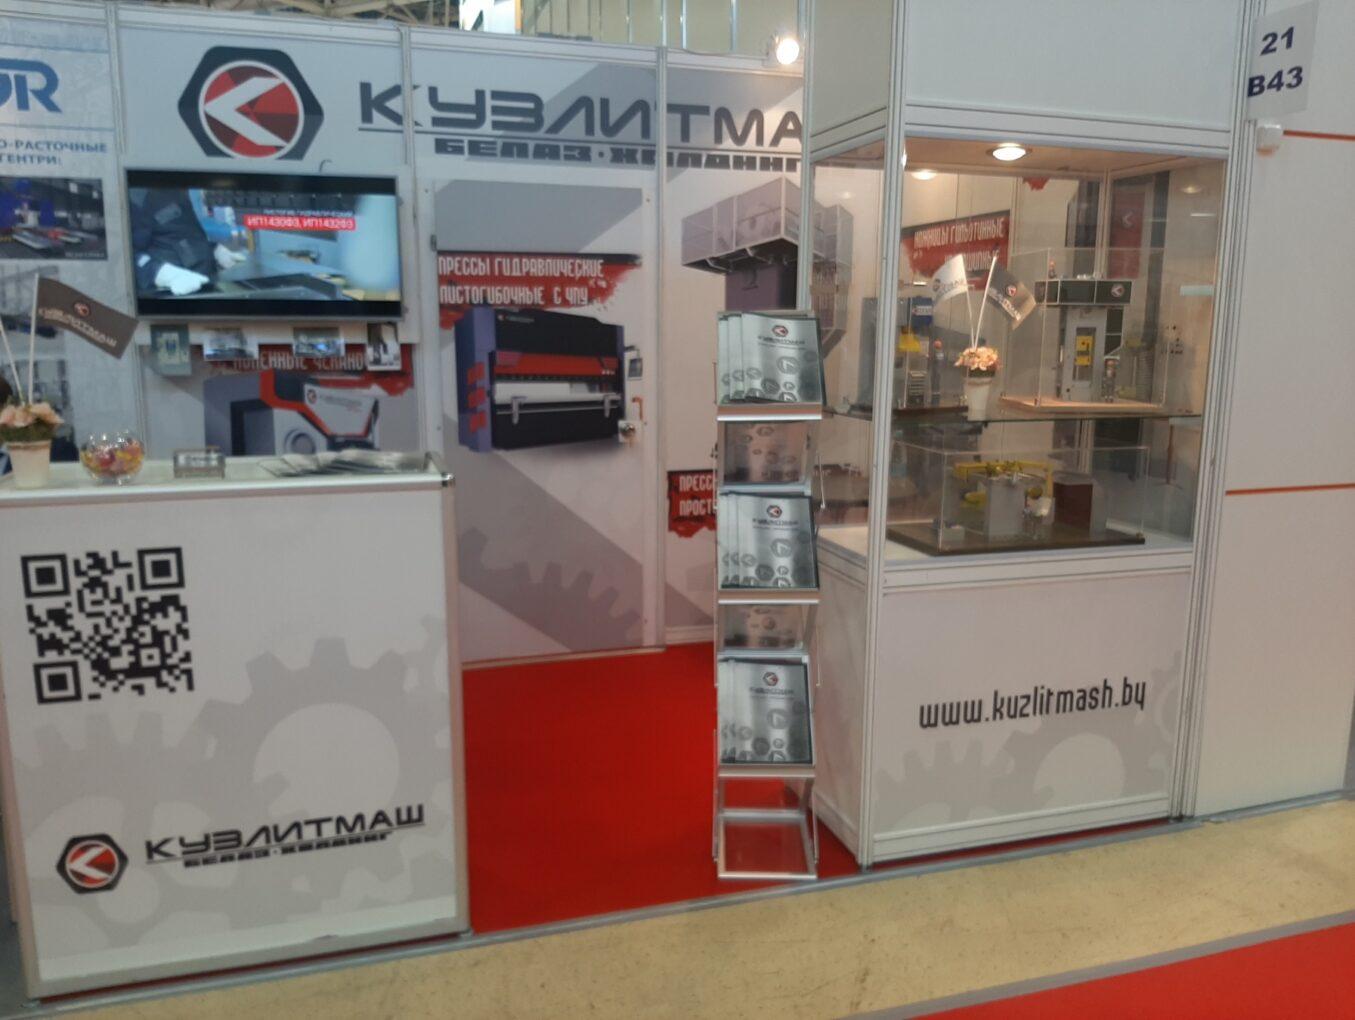 ОАО «Кузлитмаш» приняло участие в выставке «Металлообработка-2021» в г. Москва.